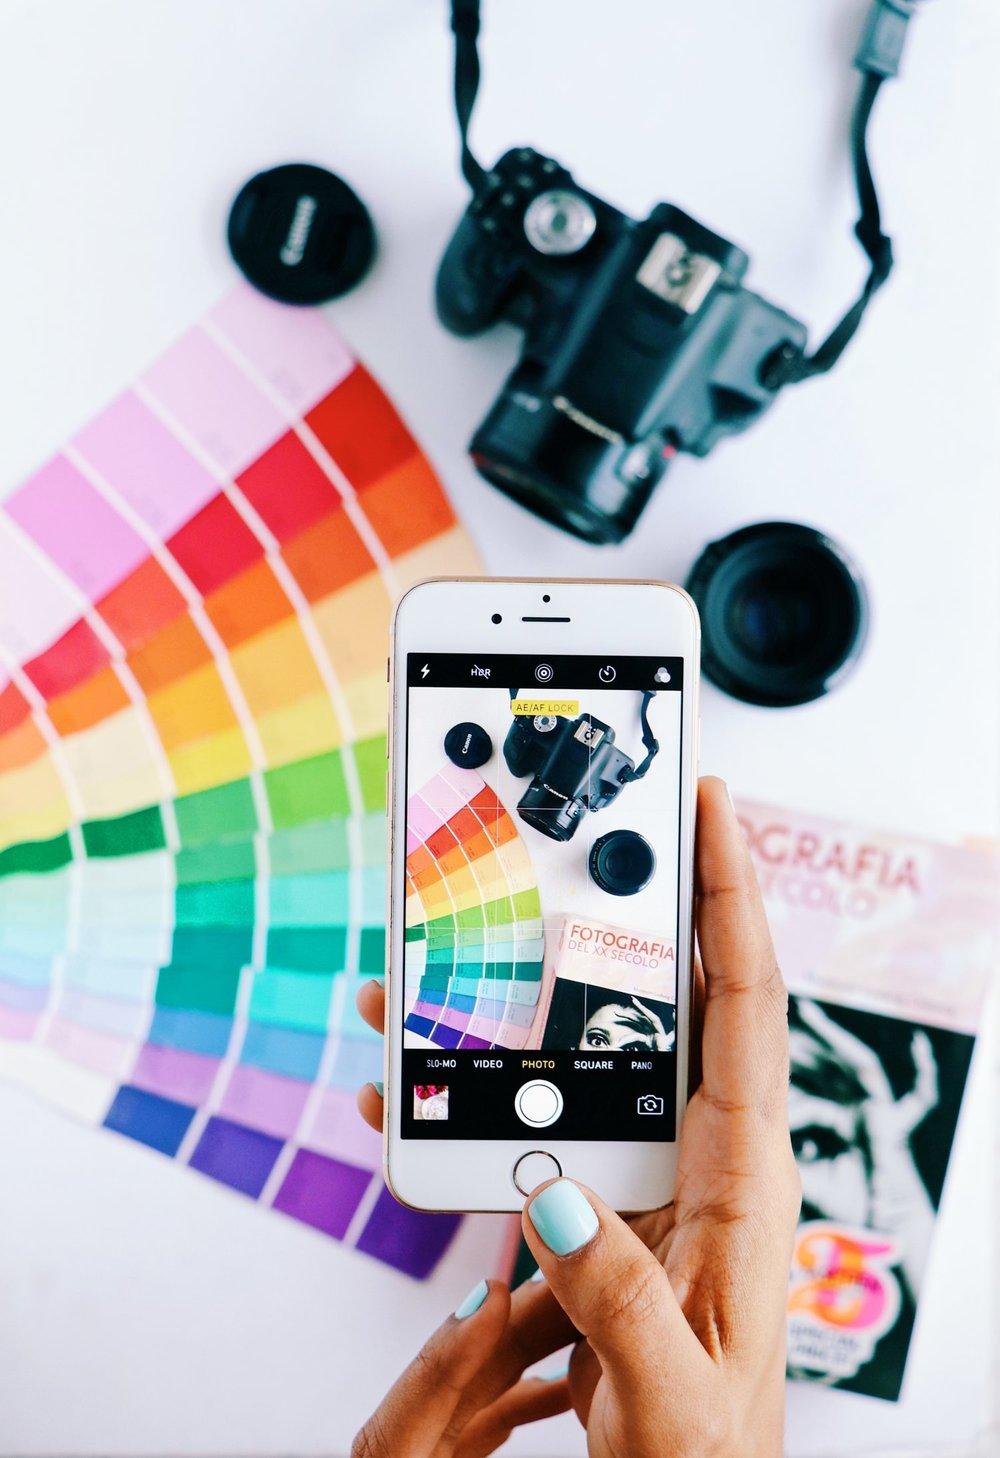 He decidido hacer un reto fotográfico y me encantaría que te unas conmigo. Estos son perfectos para despertar curiosidad y poner tu creatividad en marcha.